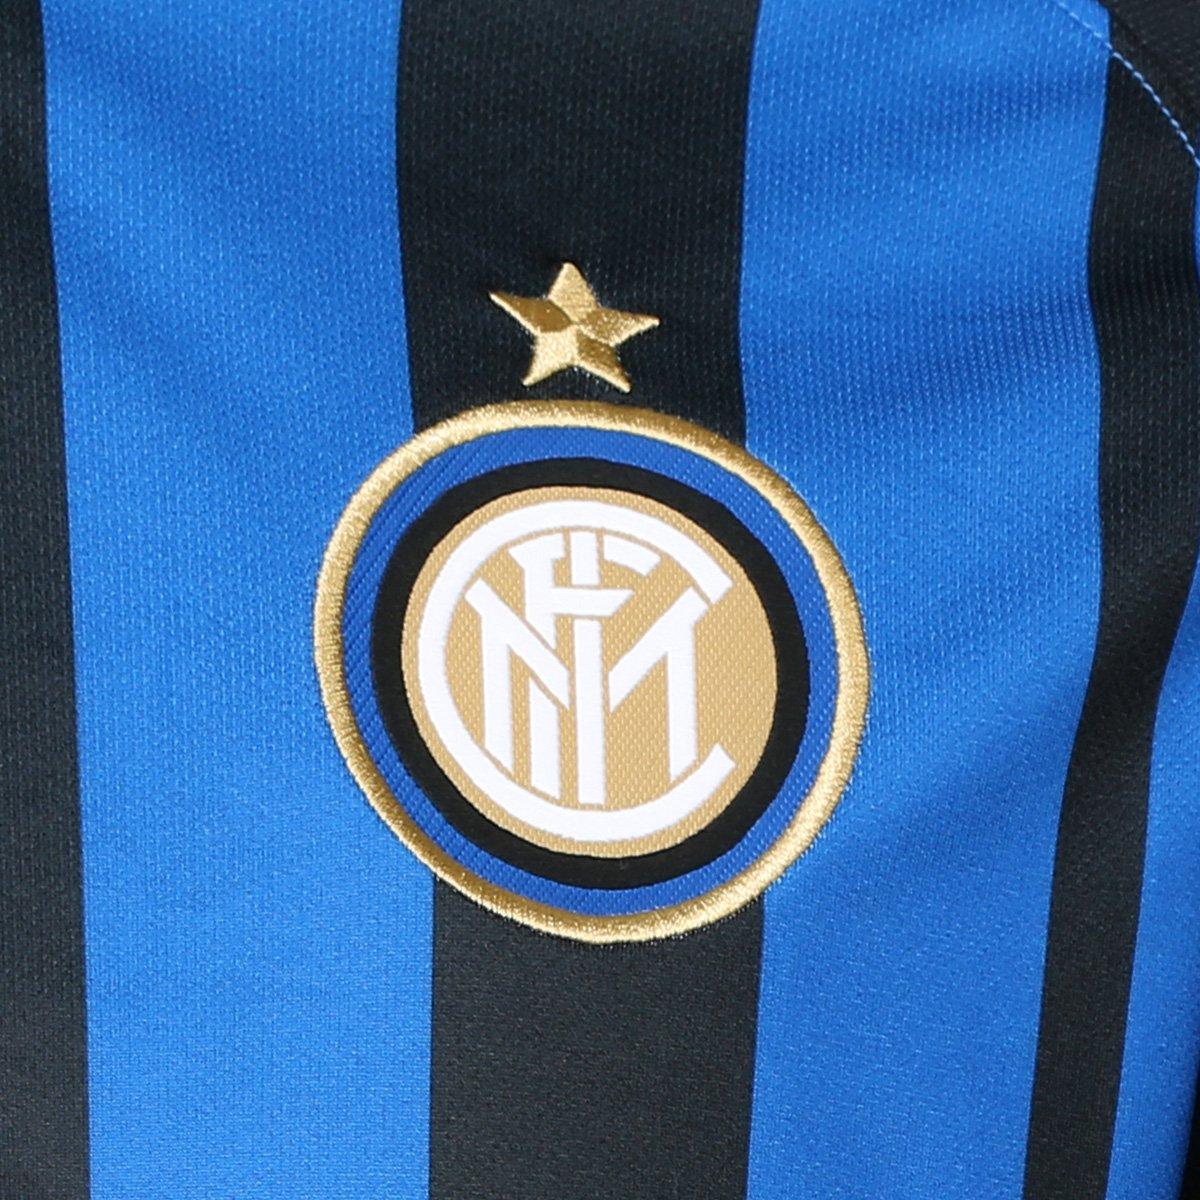 3446598cdf ... Camisa Inter de Milão Home 17 18 s n° - Torcedor Nike Masculina ...